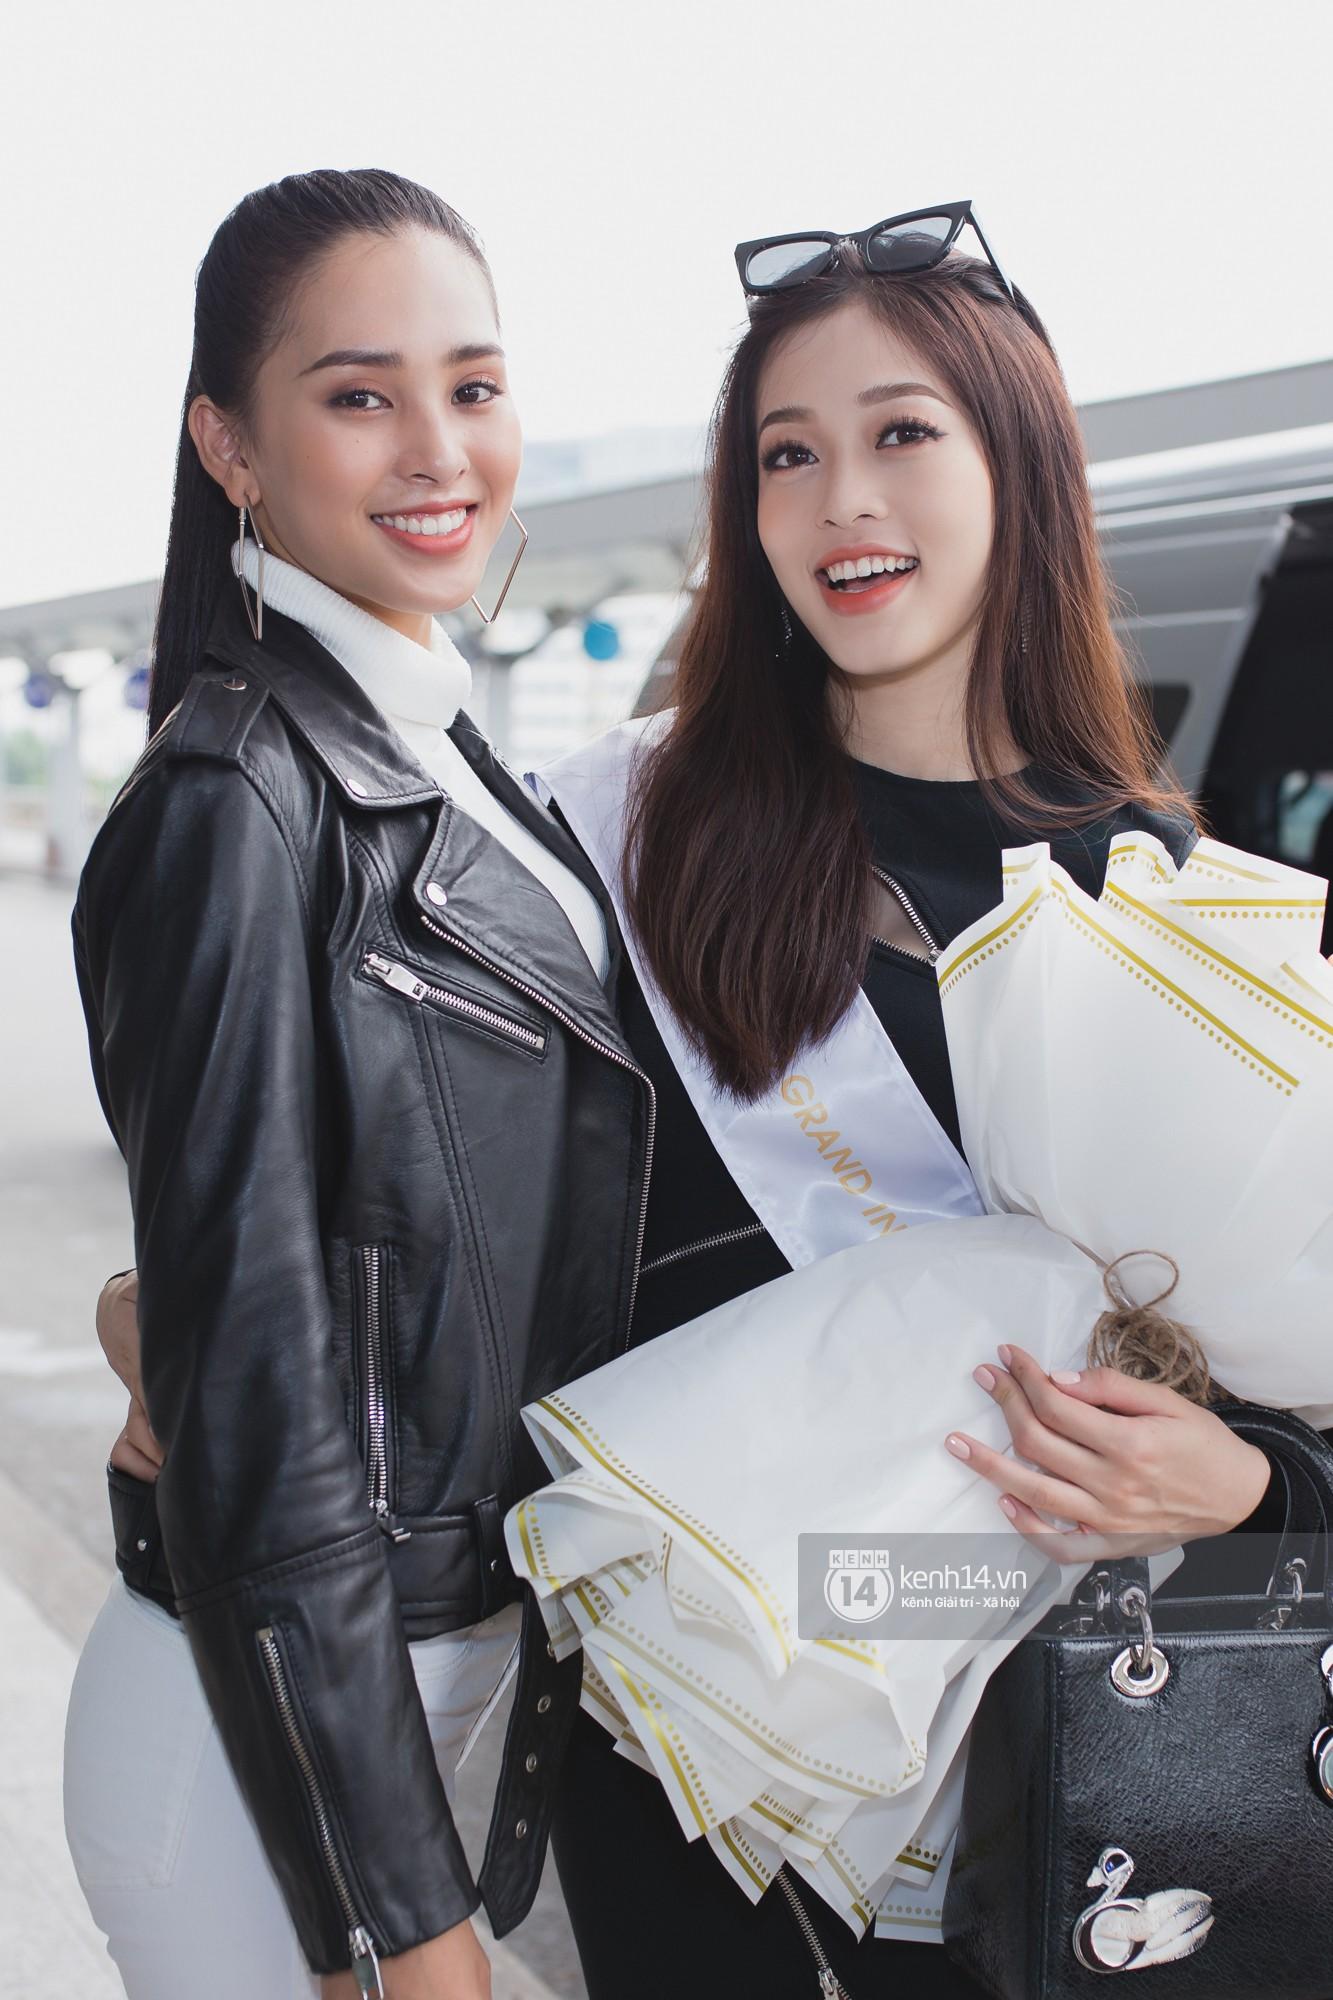 Vừa trở về từ Pháp tức thì, Trần Tiểu Vy ở lại sân bay tiễn Bùi Phương Nga đi Myanmar tham dự Hoa hậu Hoà bình Quốc tế - Ảnh 3.